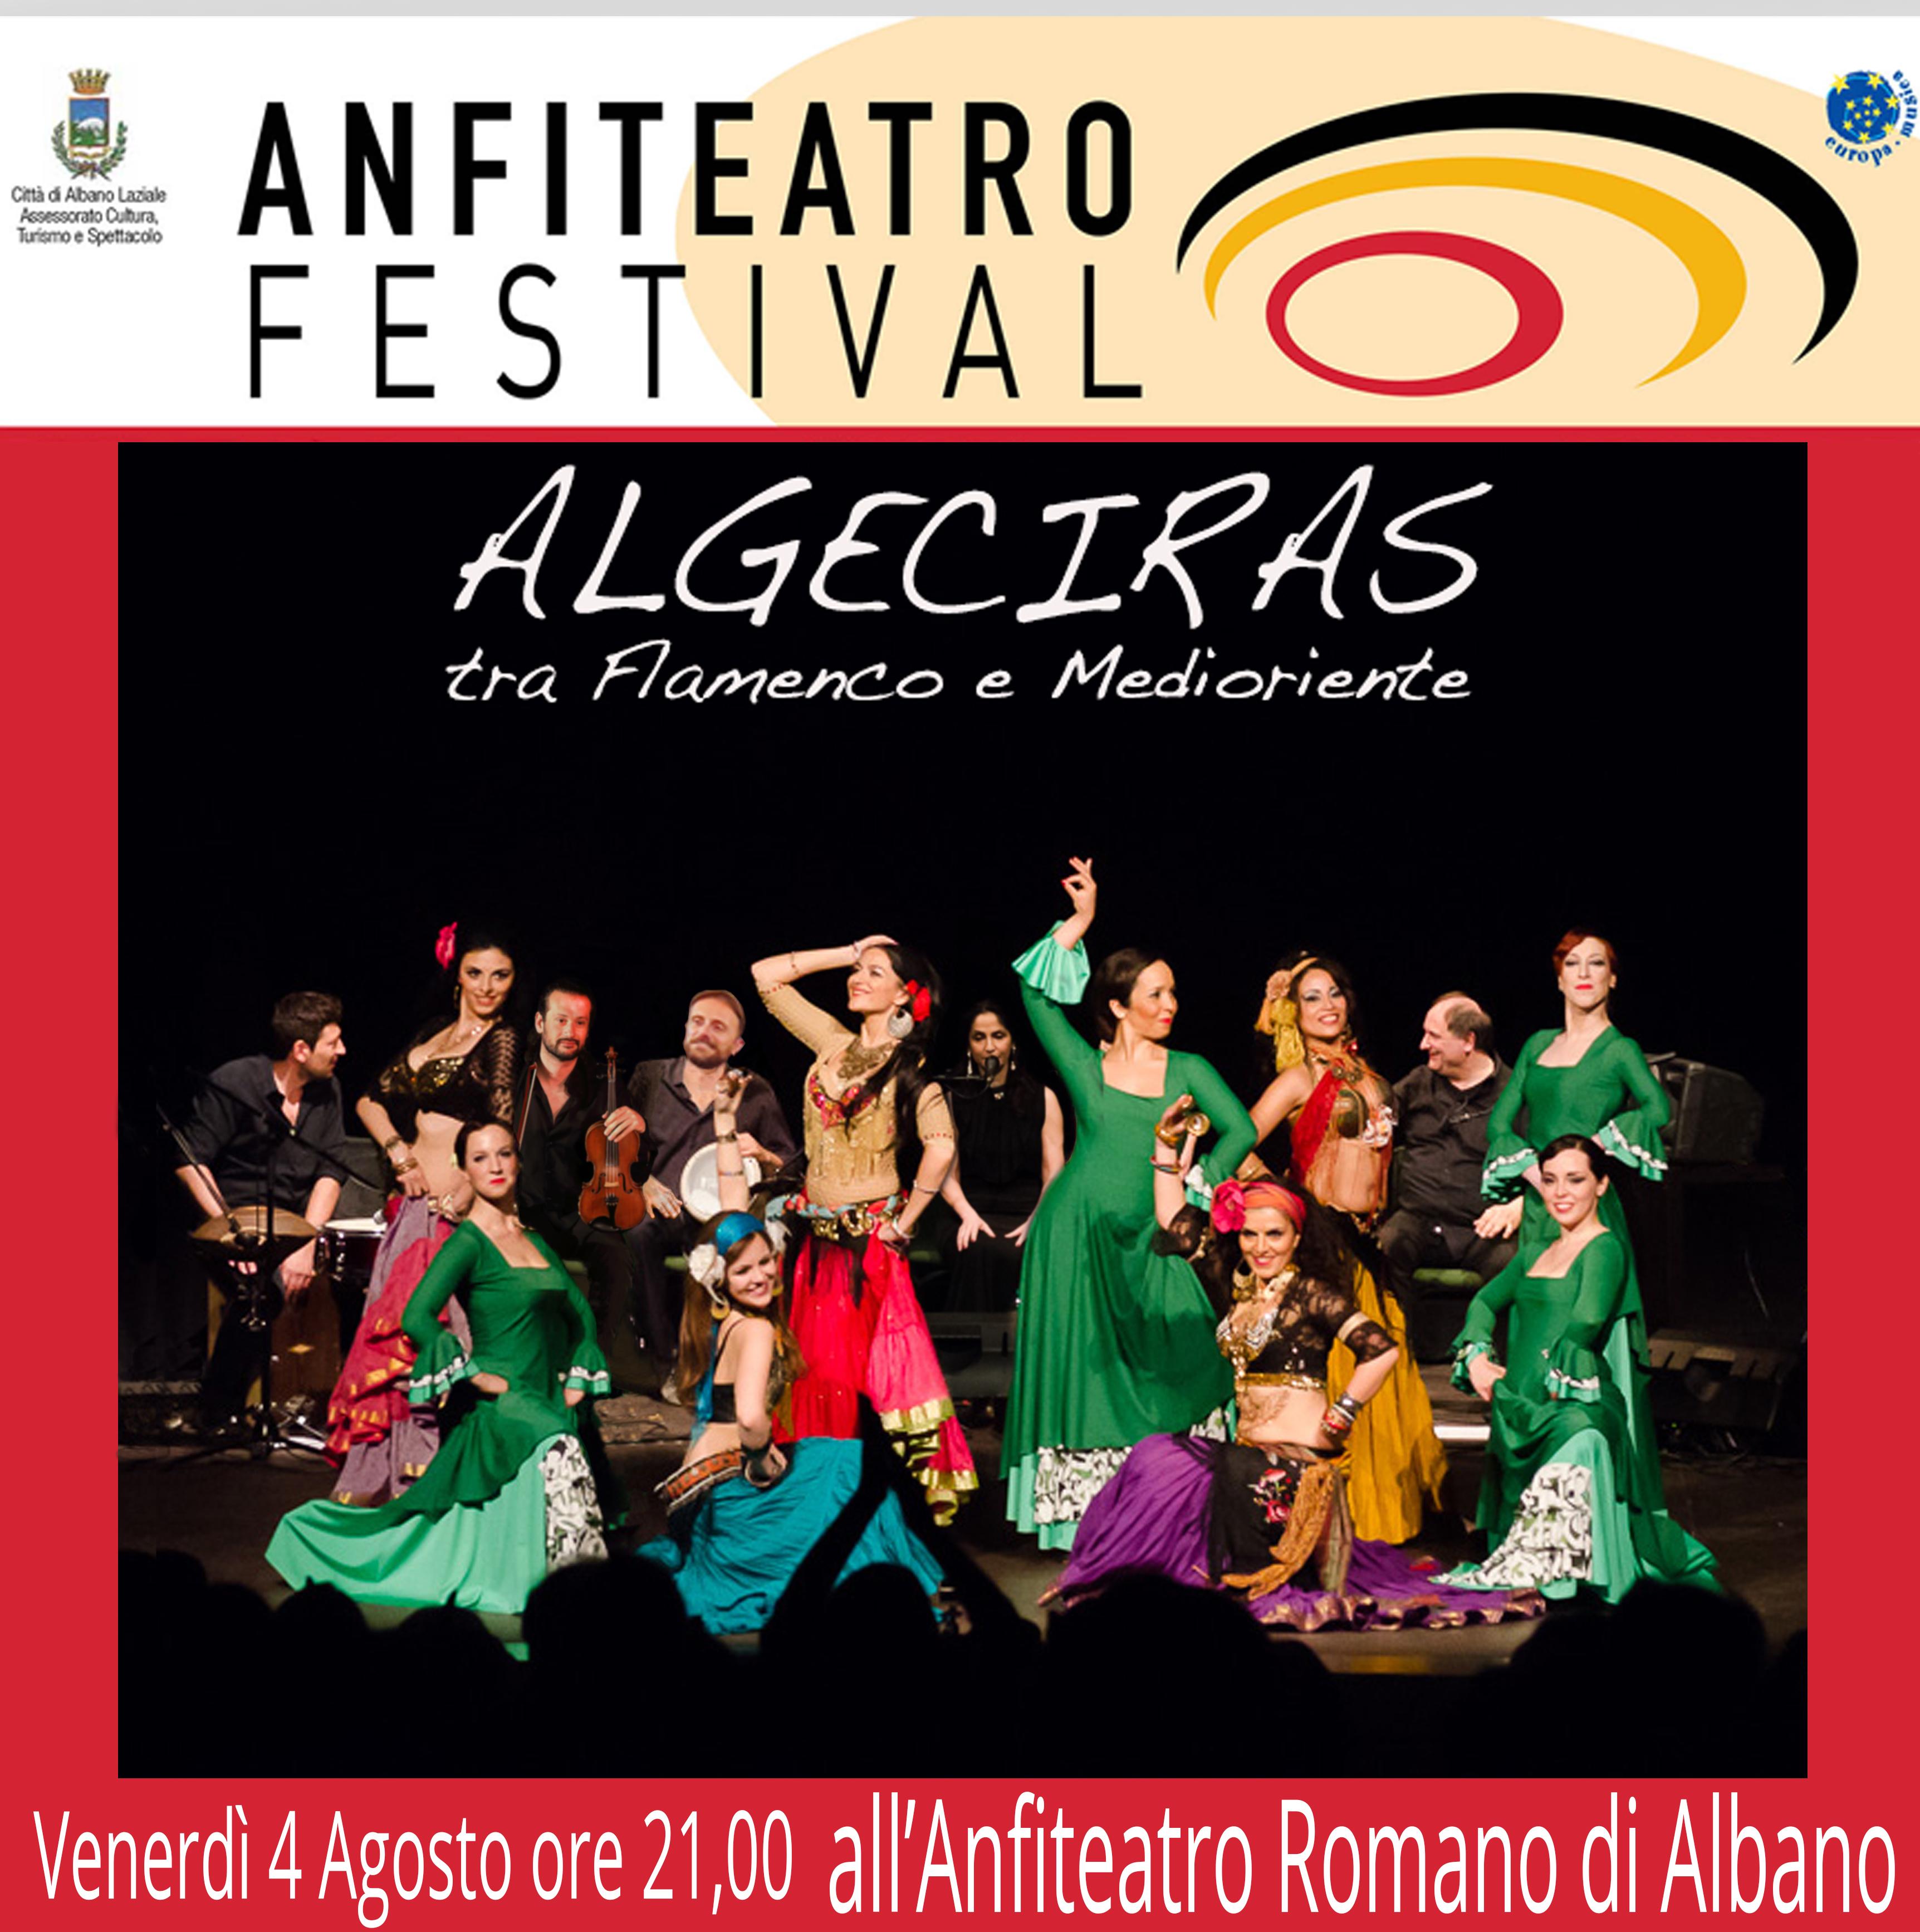 ALGECIRAS tra flamenco e Mediorente